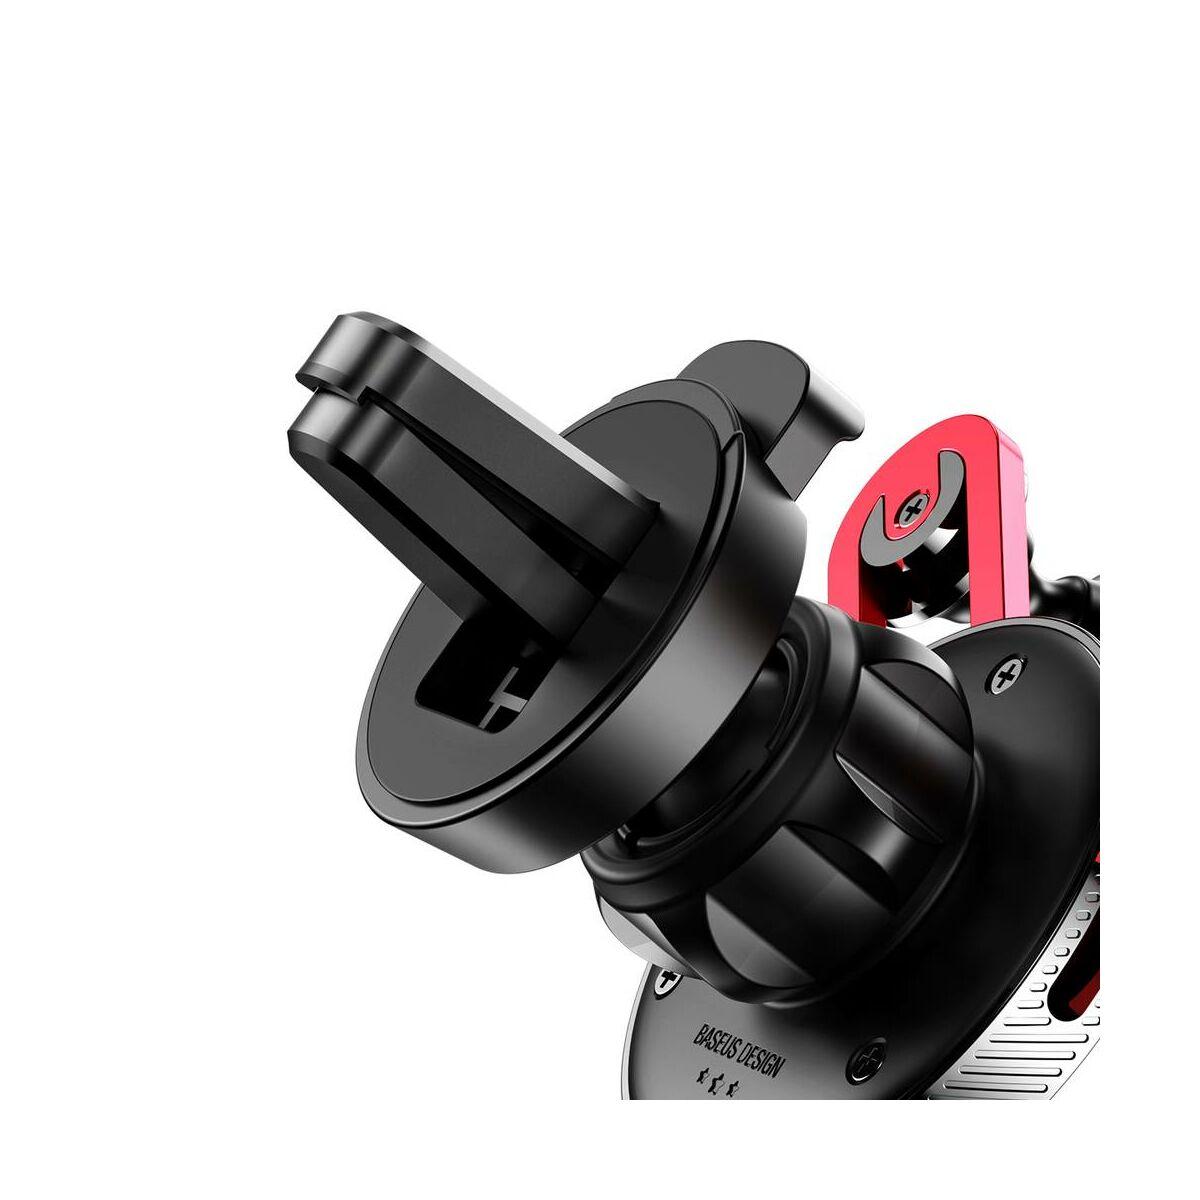 Baseus autós telefon tartó, YY alakú töltő kábellel (Lightning), piros (SULYY-09)